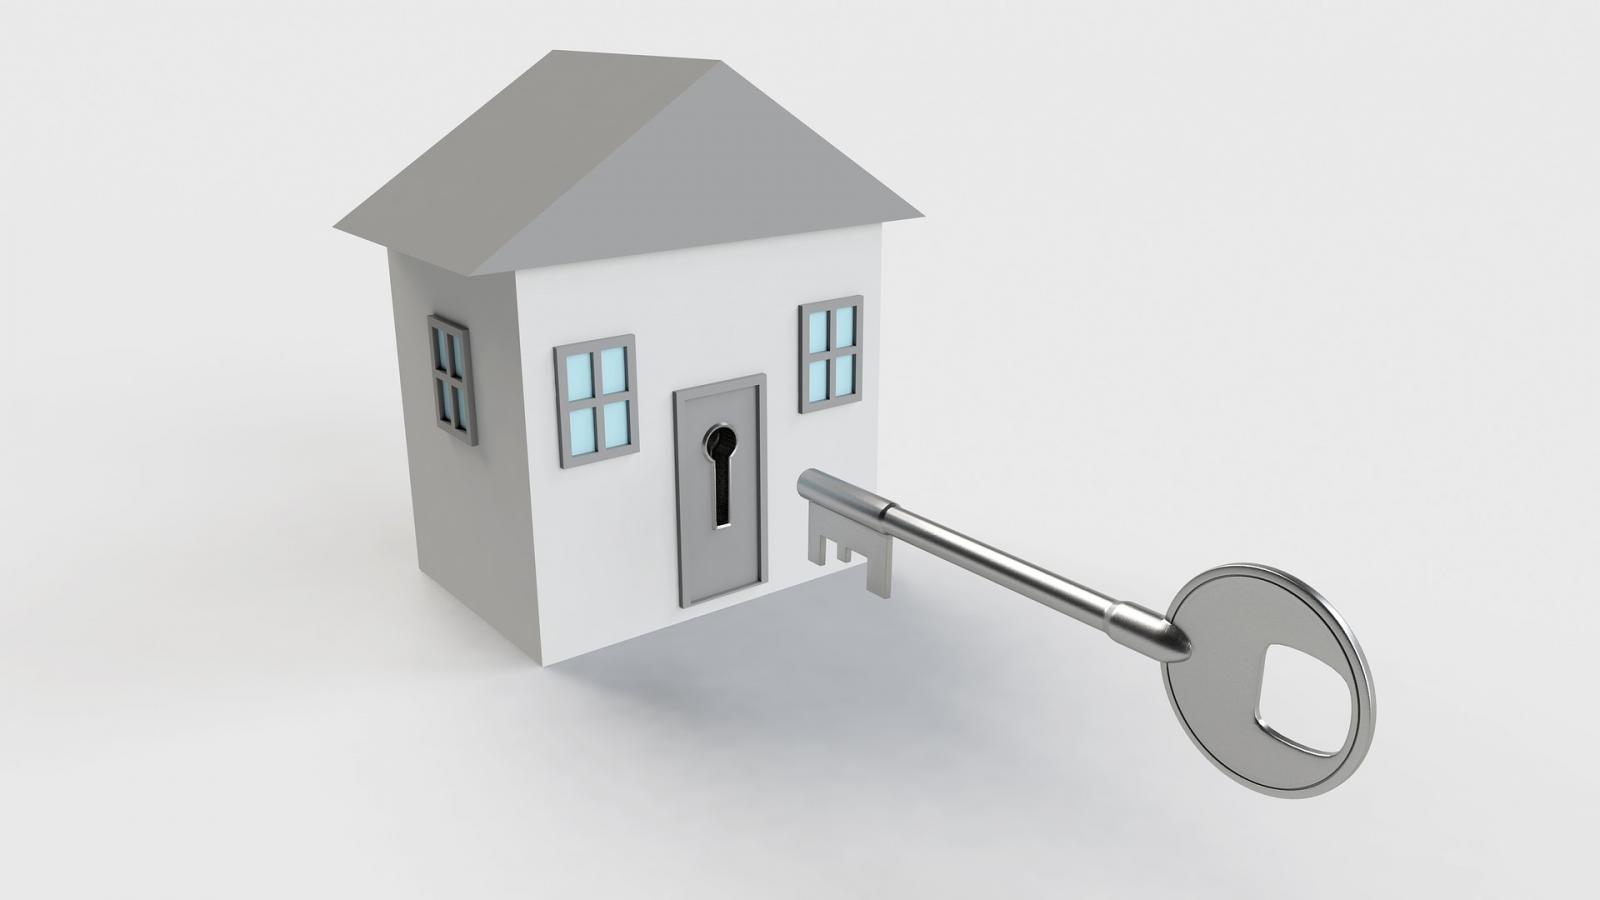 key-2114044_1920